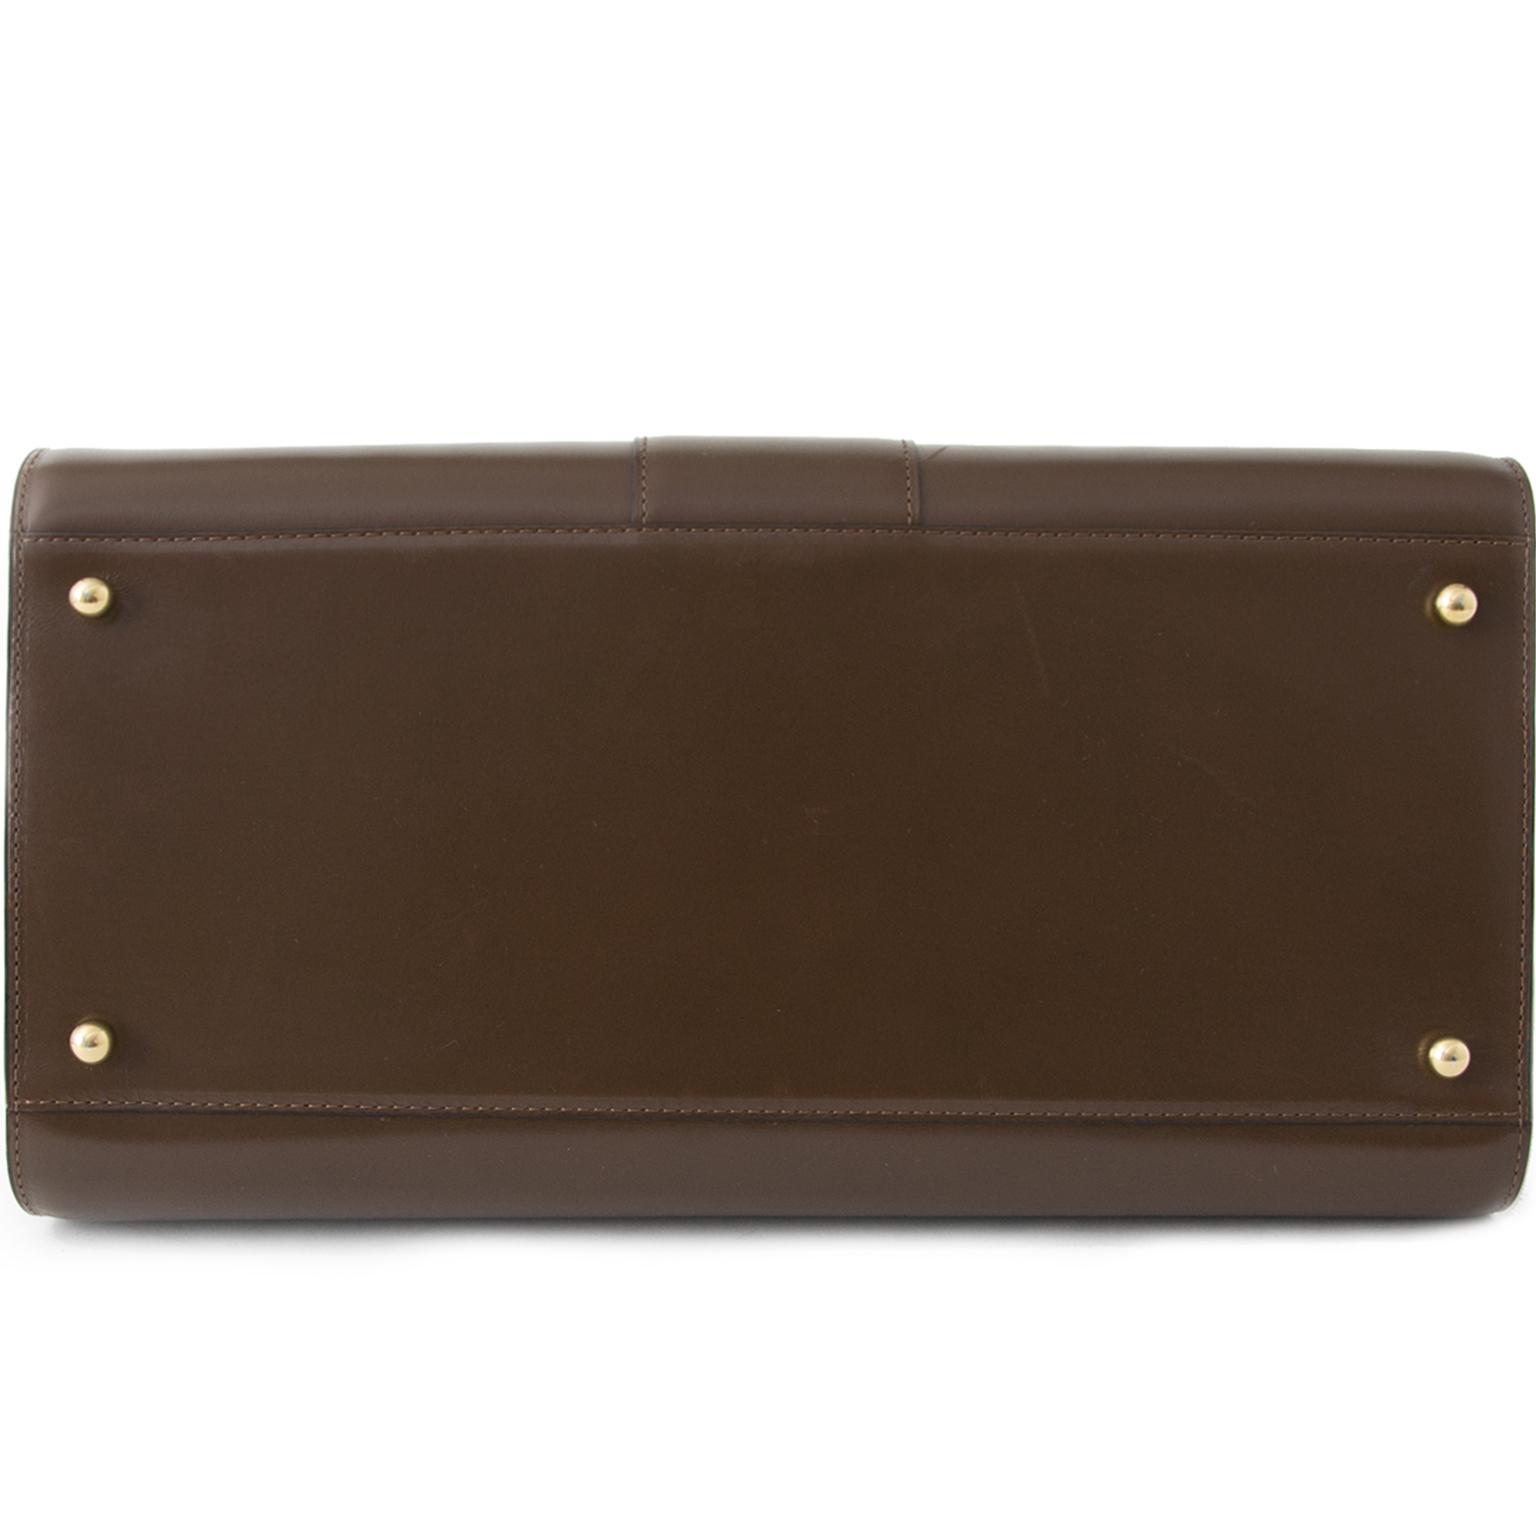 acheter en ligne pour le meilleur prix sac a main Delvaux Noisette Brillant GM  comme neuf site en ligne labellov.com